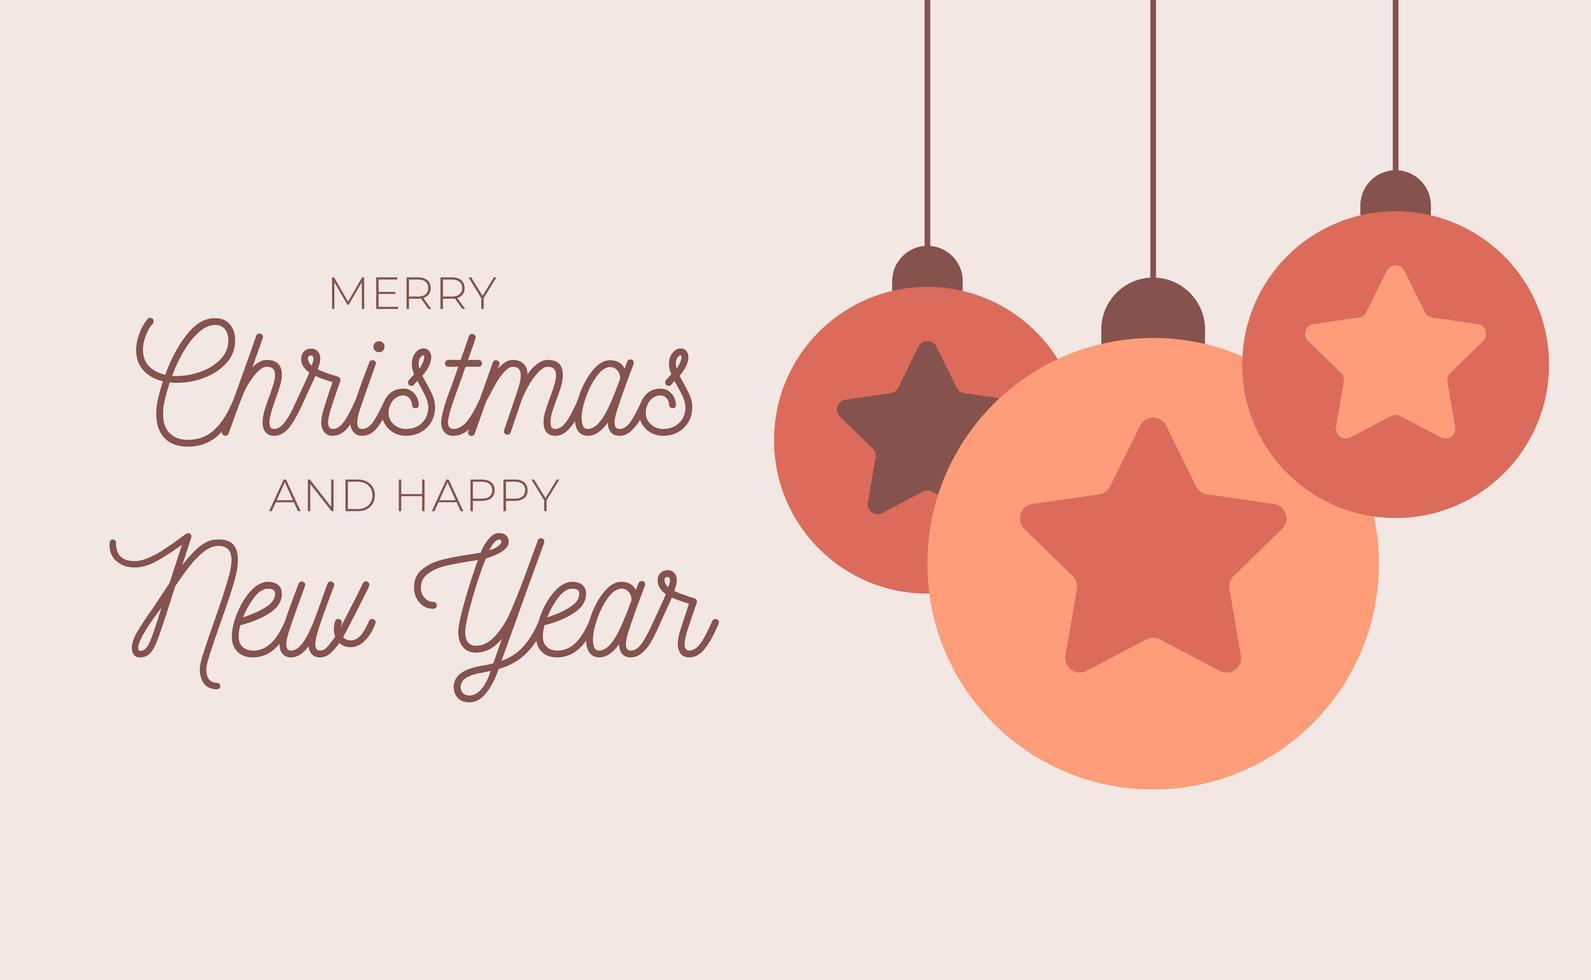 carte de Noël ou du nouvel an rétro avec des boules d'arbres vecteur